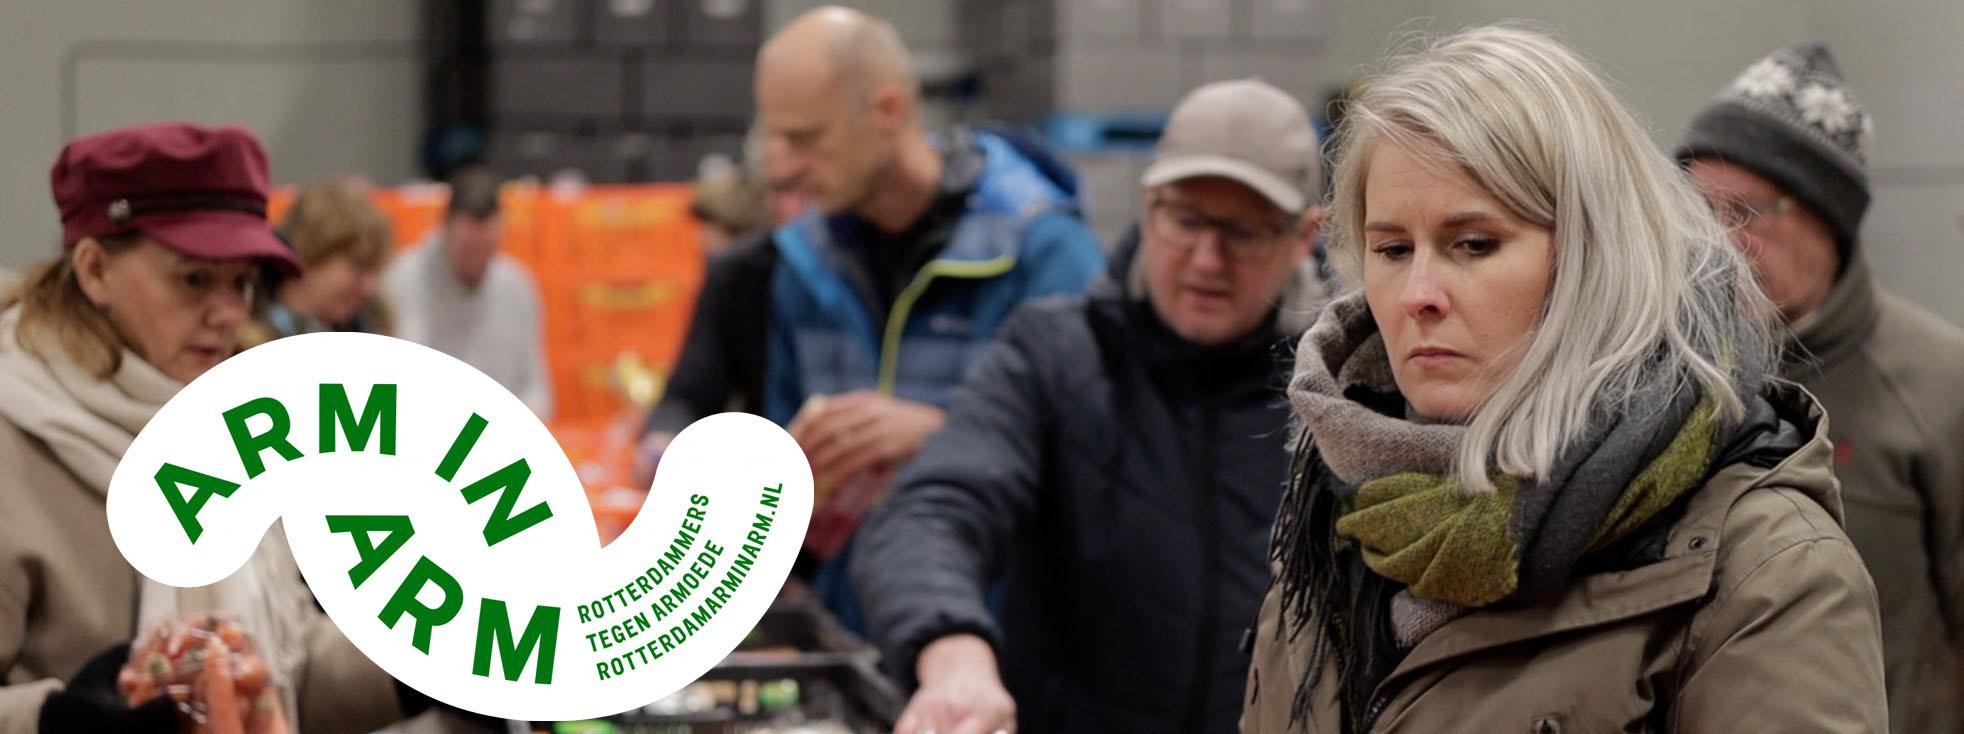 Medewerkers ER IS GENOEG helpen aan de band bij de voedselbank Rotterdam